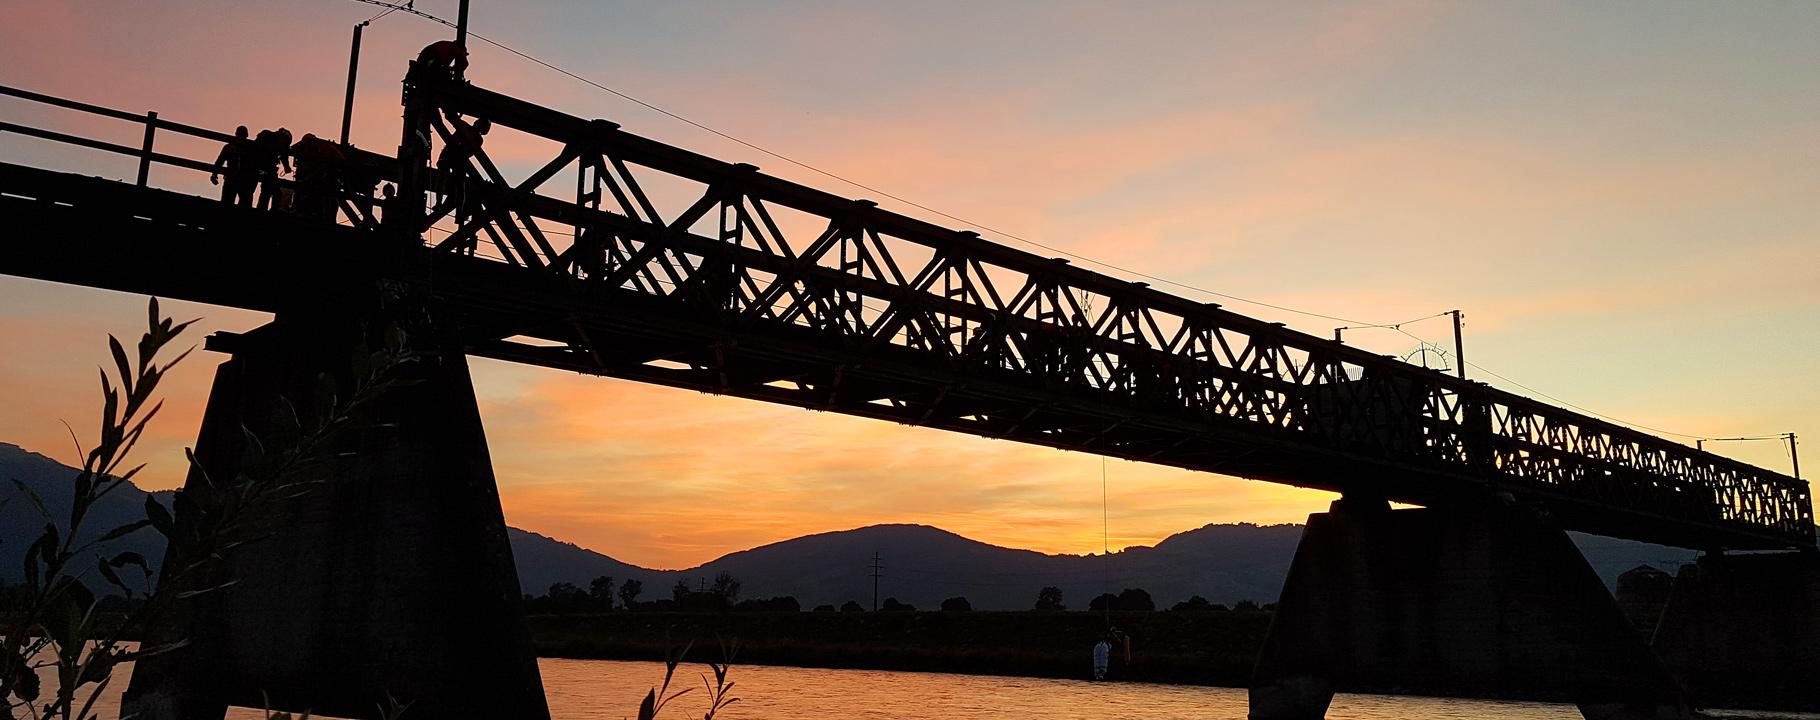 Rheinbähnle-Brücke Mäder